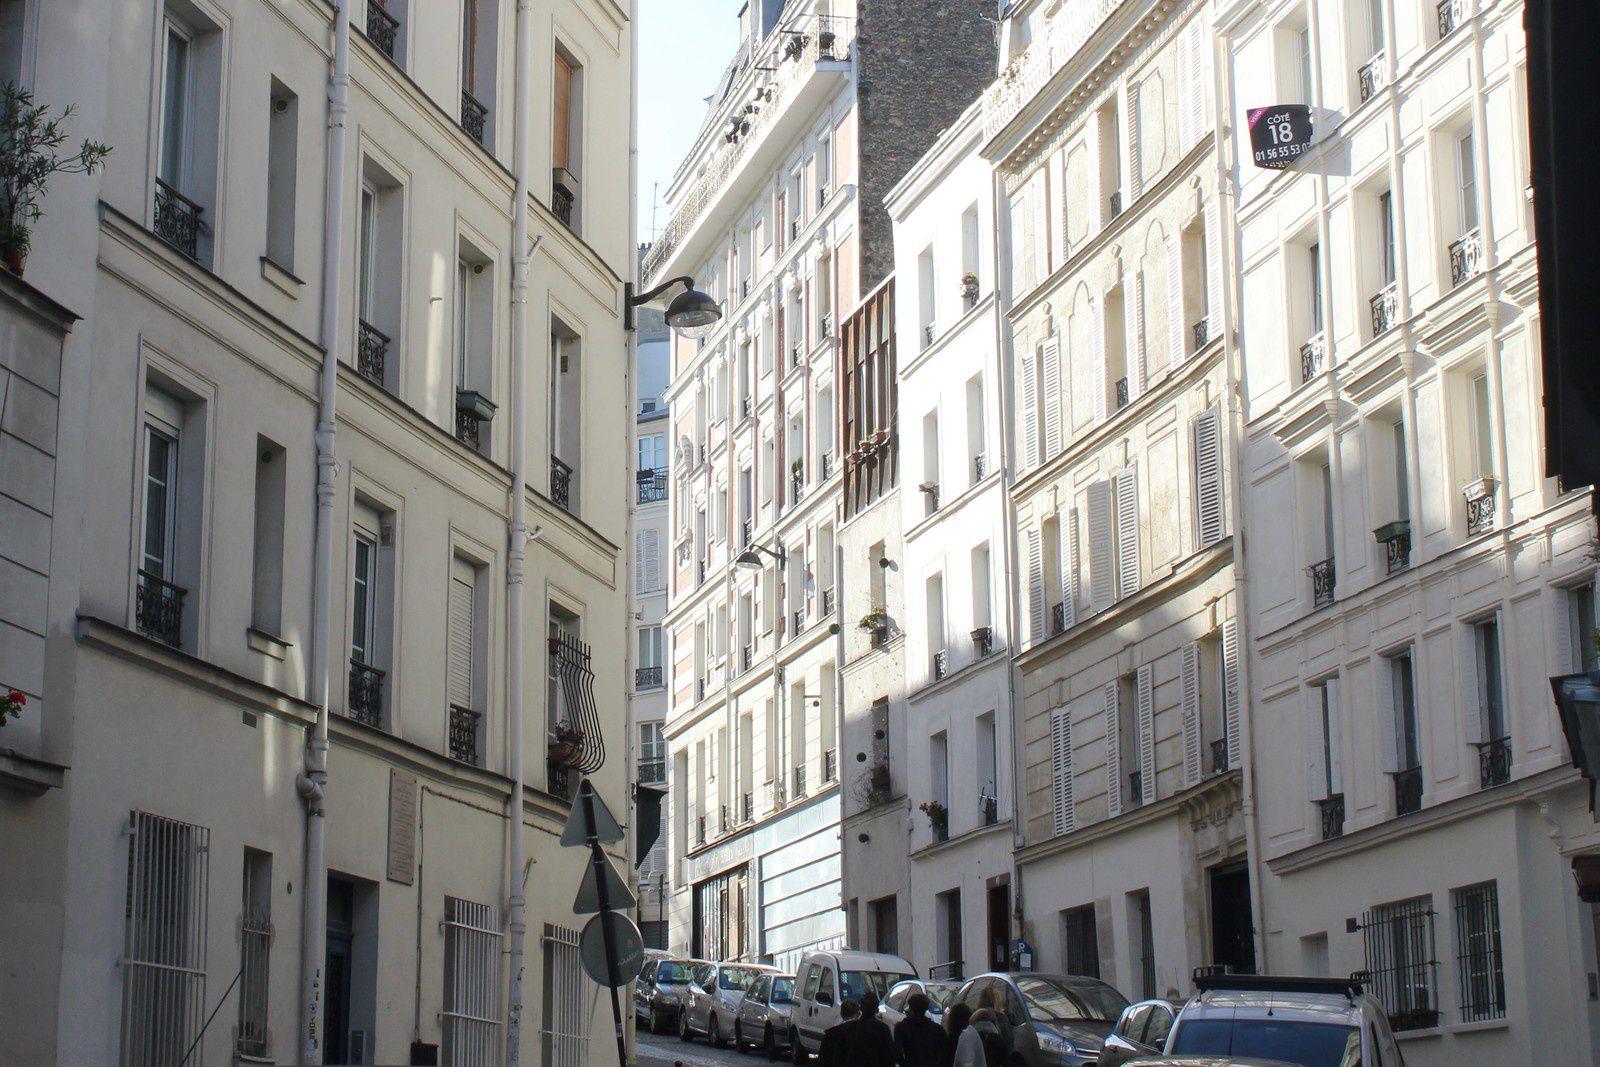 Rue Feutrier Montmartre Crimes et faits divers de 1880  1940  Montmartre secret